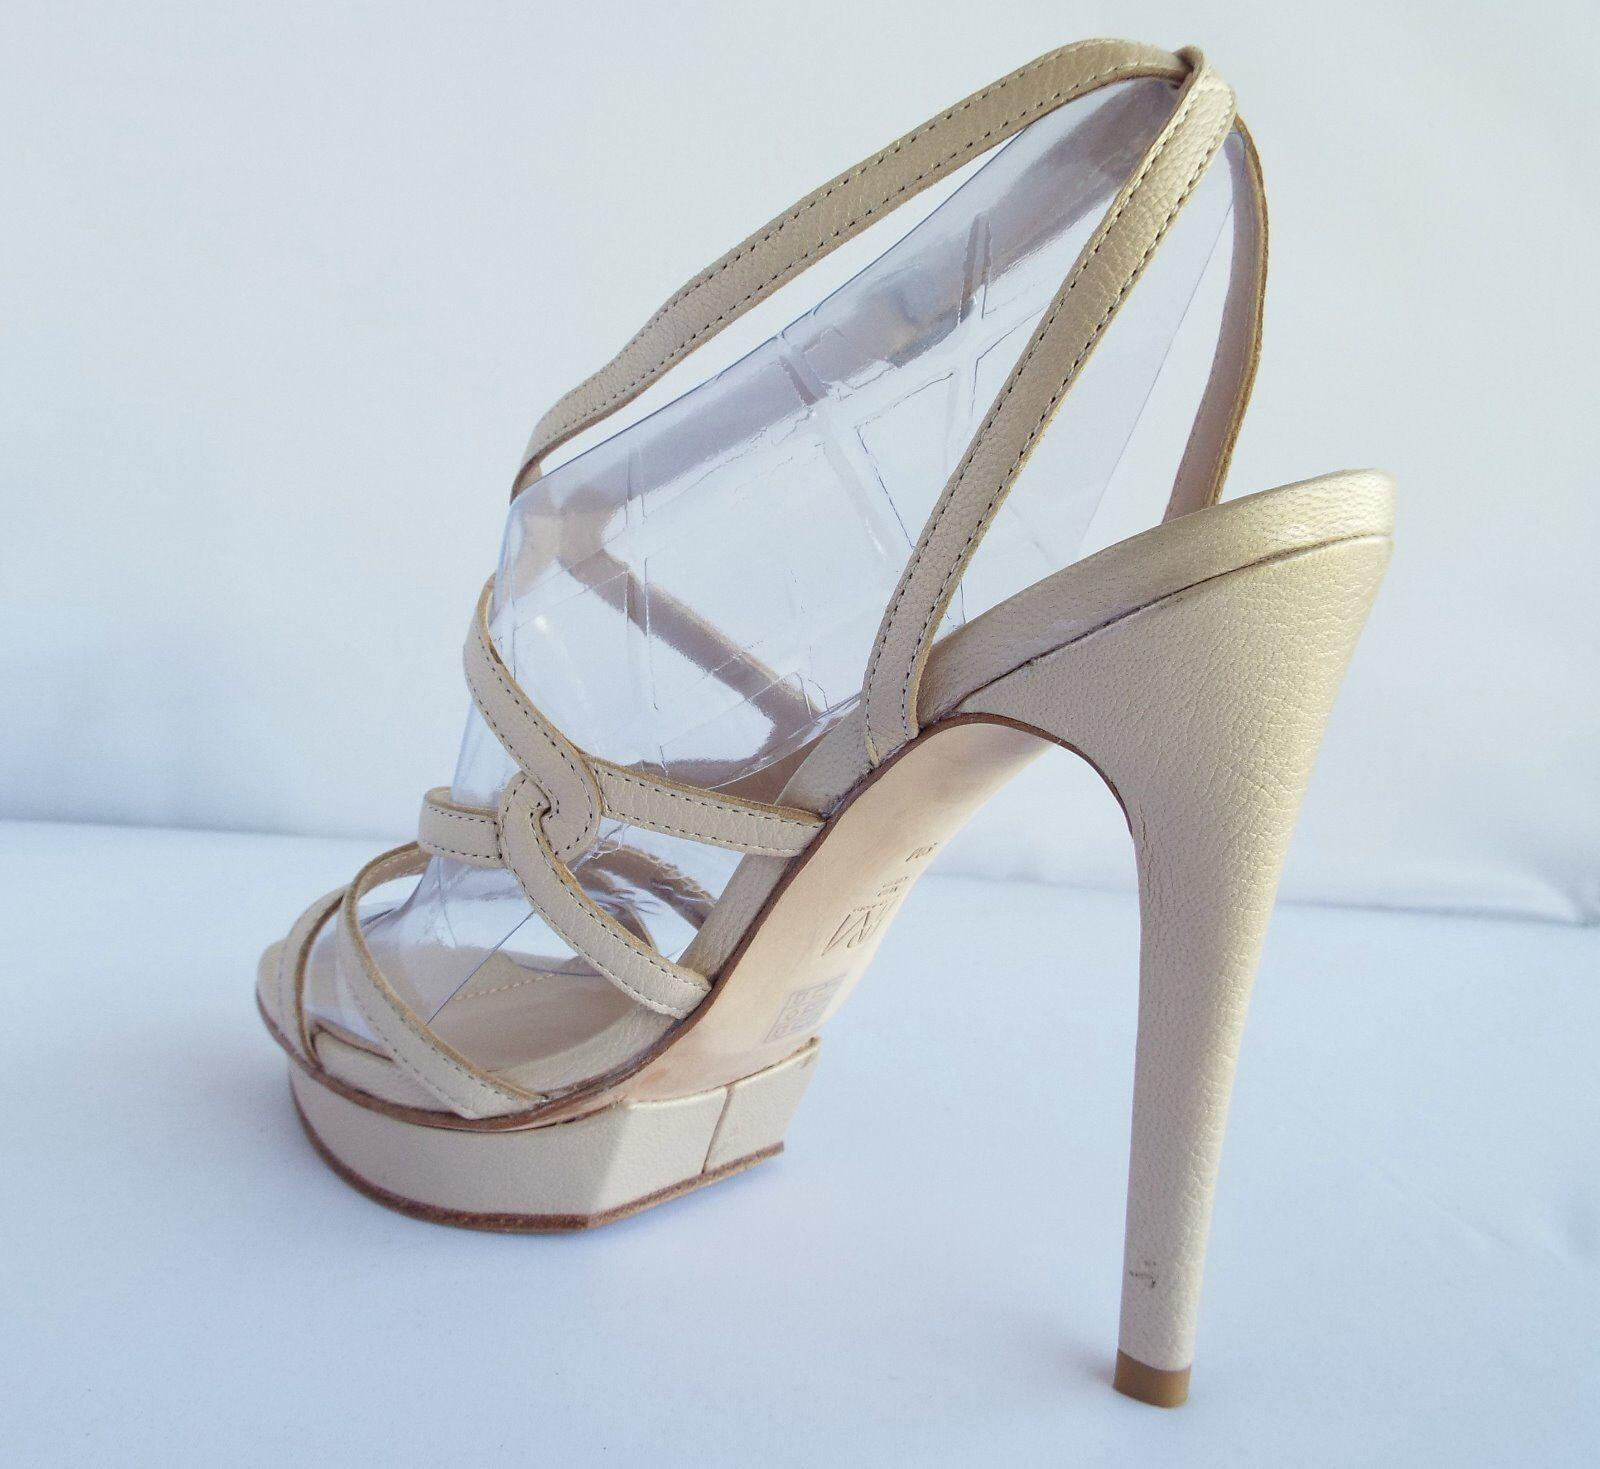 New Pelle Moda Farah2 Dress Sandals Cream Cream Cream Pearlized Nappa Size 9 M ce29d9